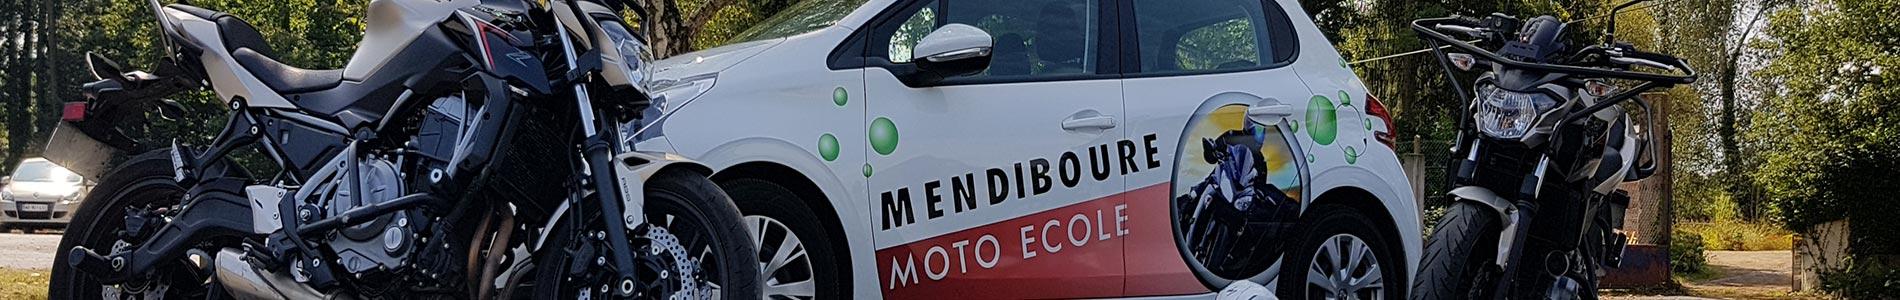 Bandeau moto-école Mendiboure formation